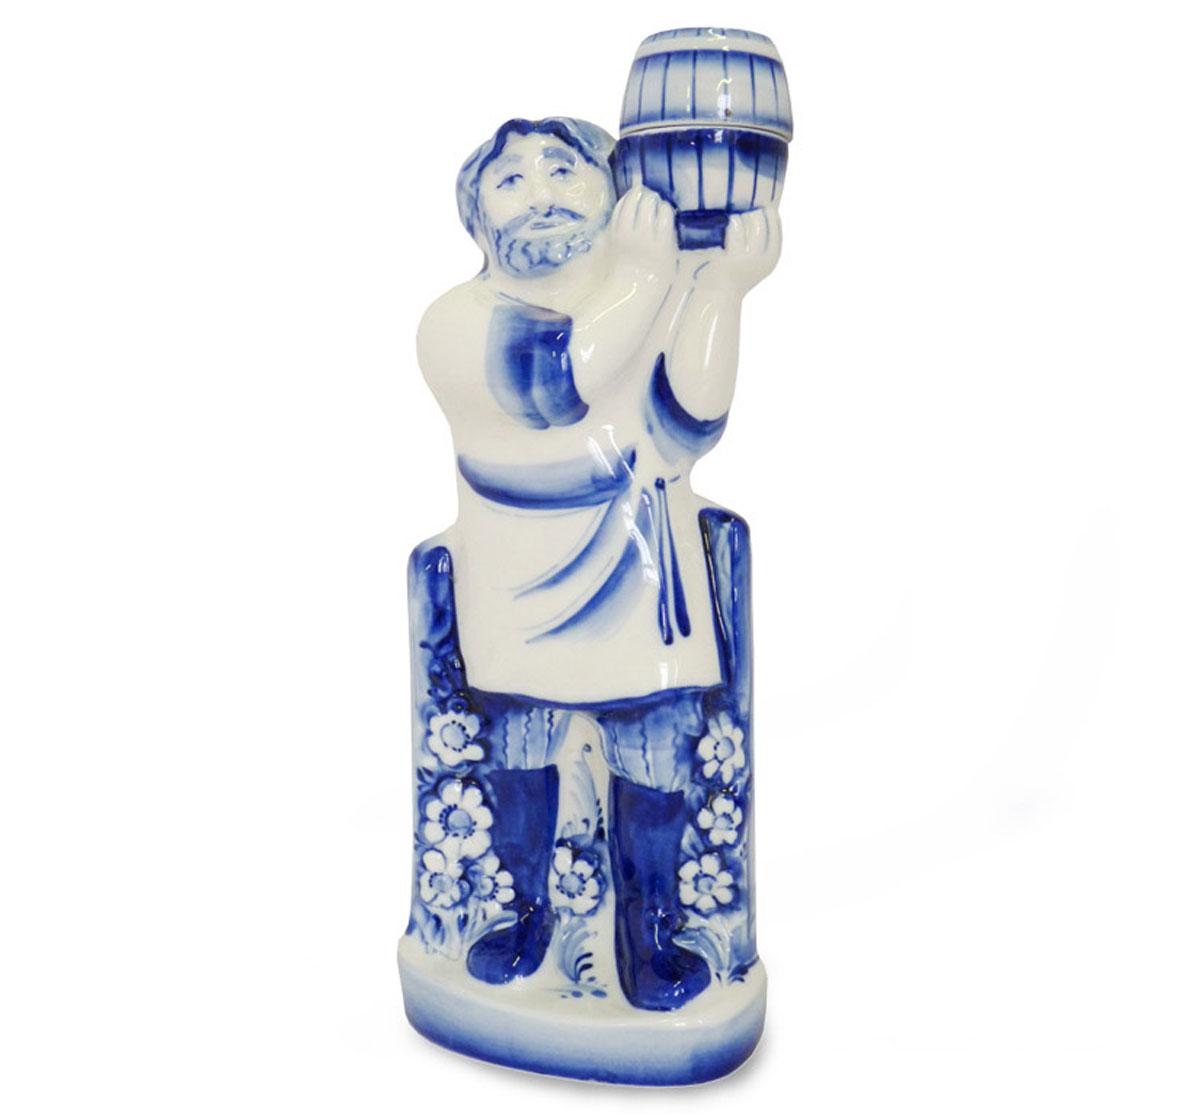 Штоф Пасечник, цвет: белый, синий, 1 л993100302Штоф Пасечник изготовлен из высококачественной керамики и предназначен для подачи виски или бренди. Изделие выполнено в виде мужчины с бочонком на плече и оформлено оригинальной росписью в технике гжель. Штоф Пасечник прекрасно оформит интерьер кабинета или гостиной, а также станет прекрасным украшением стола. Уважаемые клиенты! Обращаем ваше внимание, что роспись на изделие сделана вручную. Рисунок может немного отличаться от изображения на фотографии. Высота (с учетом крышки): 30 см. Размер штофа без учета крышки: 12 х 9 х 29 см. Диаметр горлышка: 1,7 см.